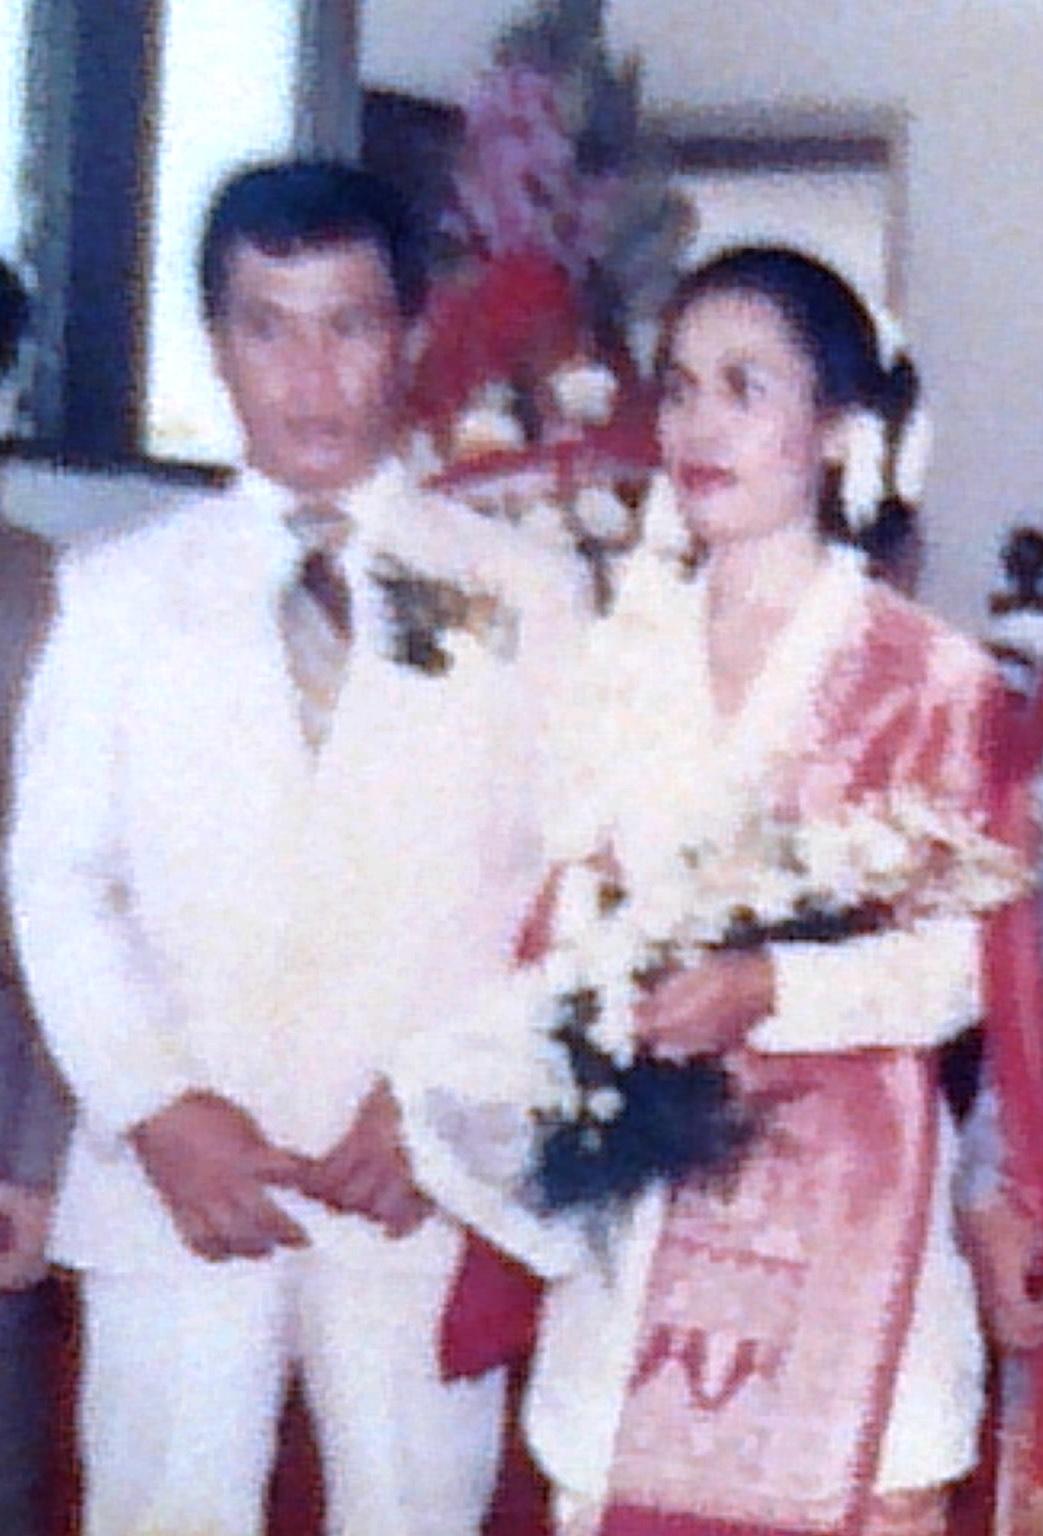 Ulang Tahun Pernikahan Perak Papa Mama Cerita Keluarga - Perkawinan Perak Berapa Tahun, Bagaimana Cara Mengejutkan Orang Tua Anda Pada Hari Jadi Pernikahan Anda Ide Hadiah Ulang Tahun Pernikahan Untuk Orang Tua